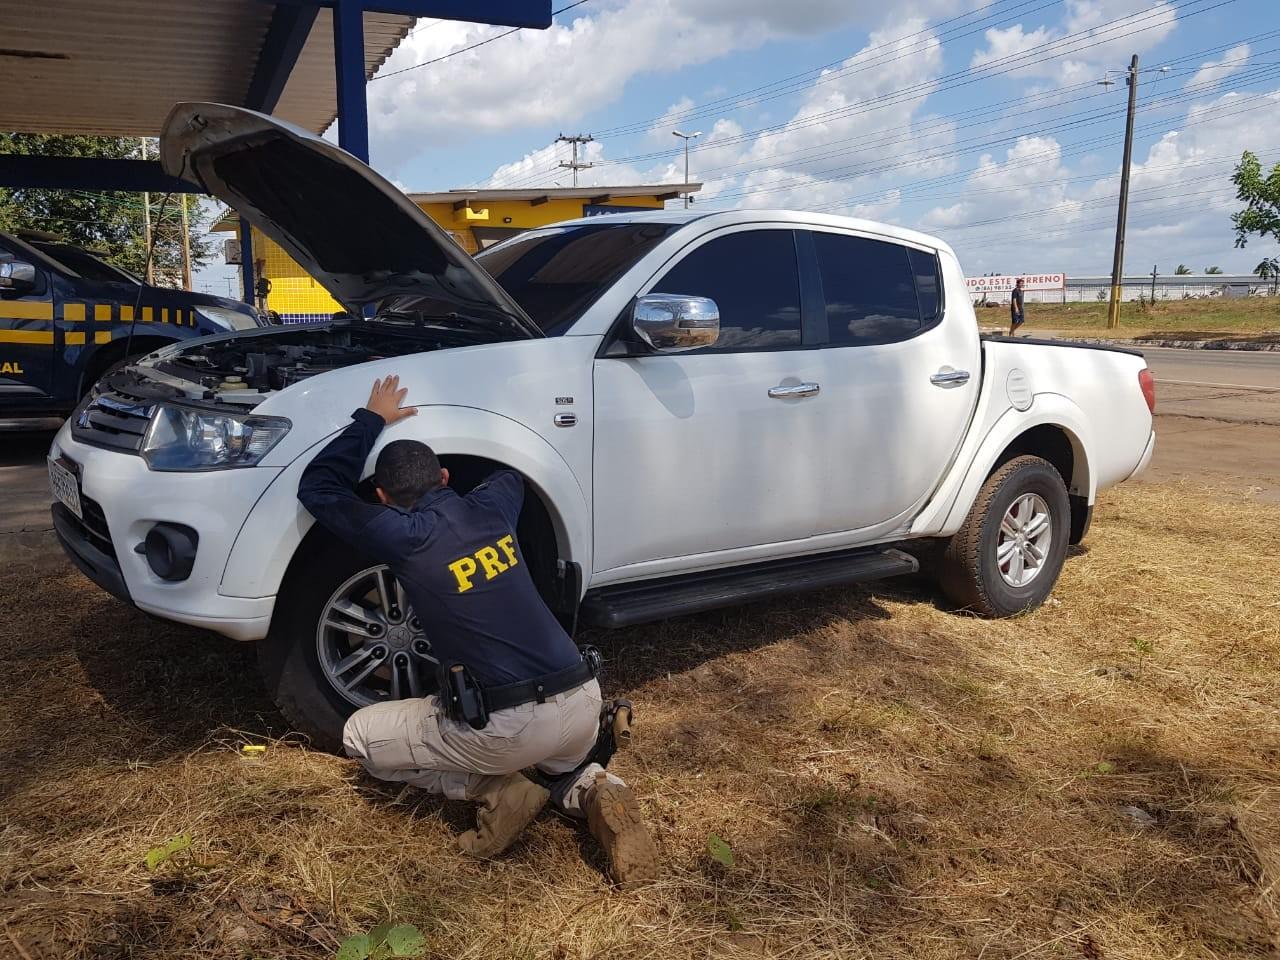 PRF recupera caminhonete roubada em Minas Gerais na BR-316 no MA - Notícias - Plantão Diário